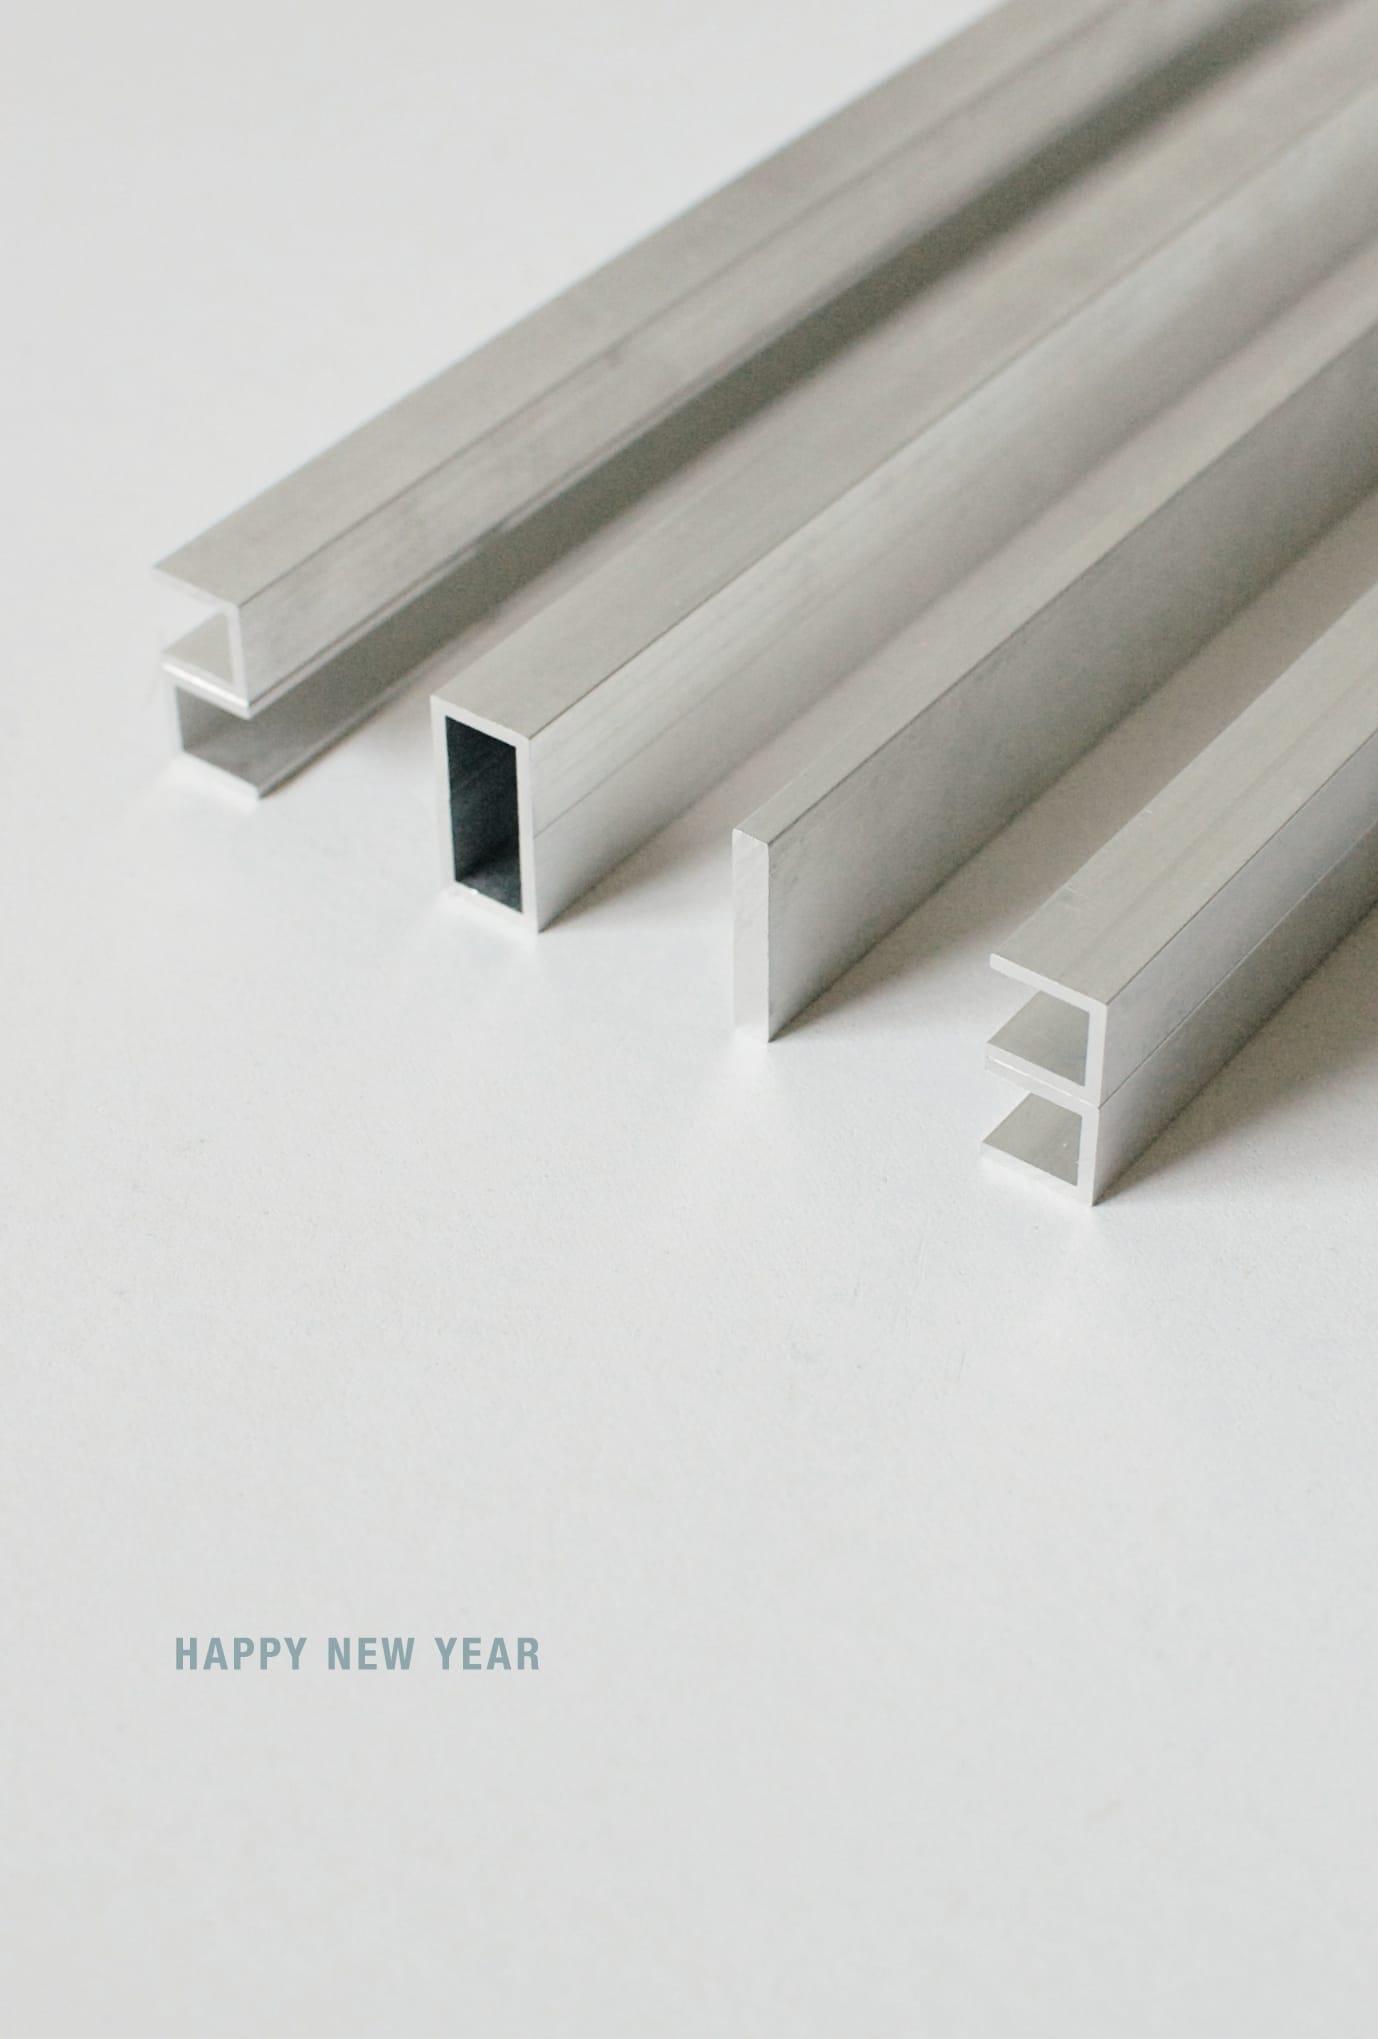 2013年賀状22-2:Alumi-new-m 2013 / 縦のダウンロード画像